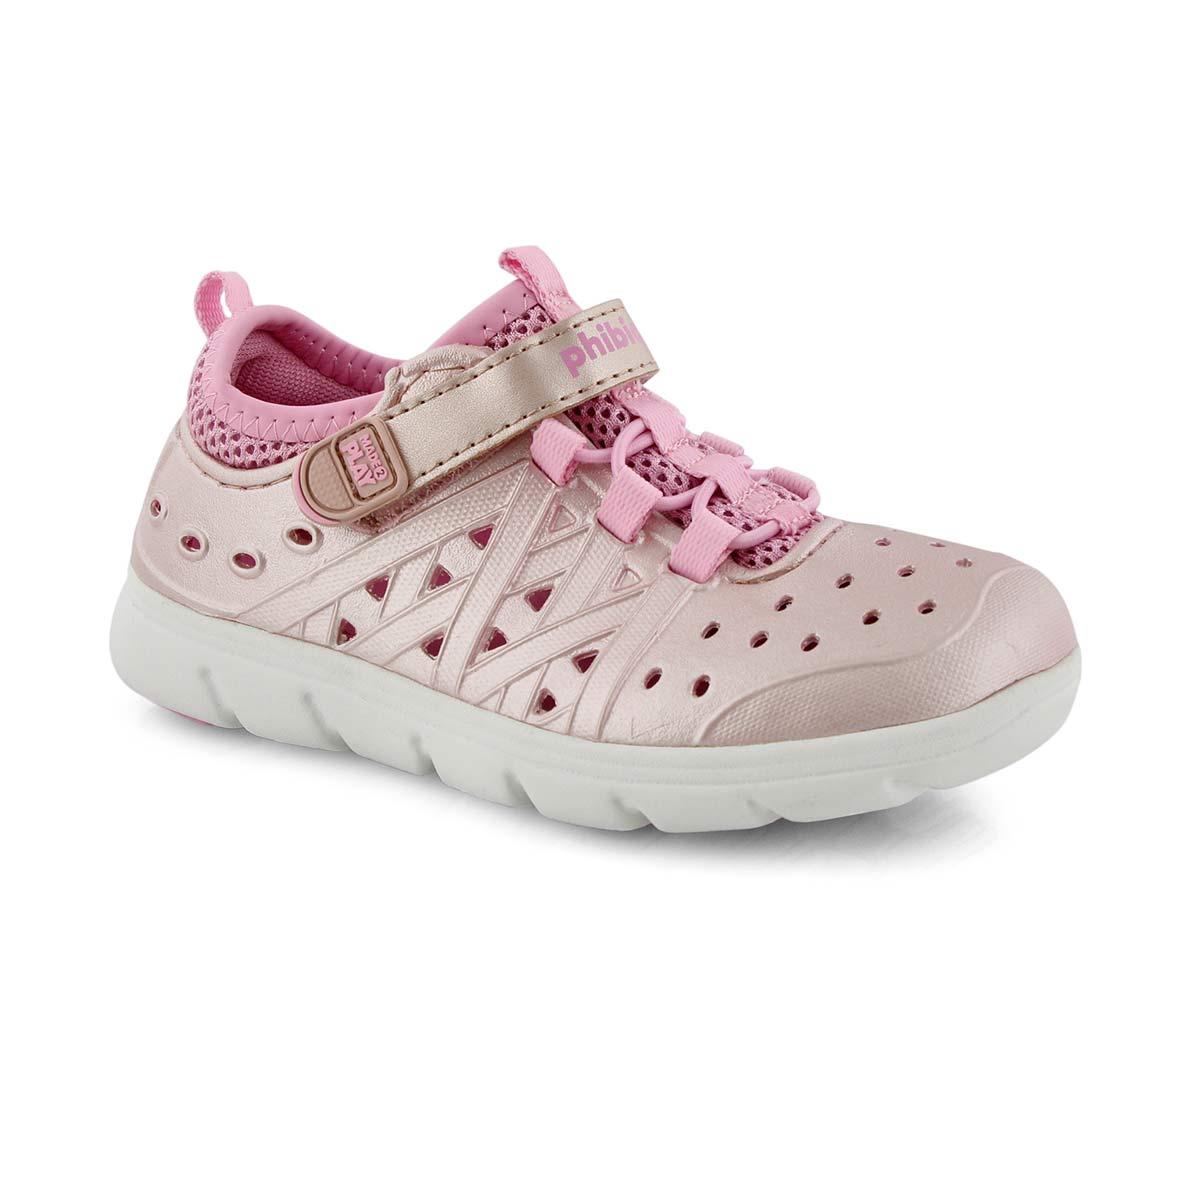 Grls M2P Phibian rose gold sneaker